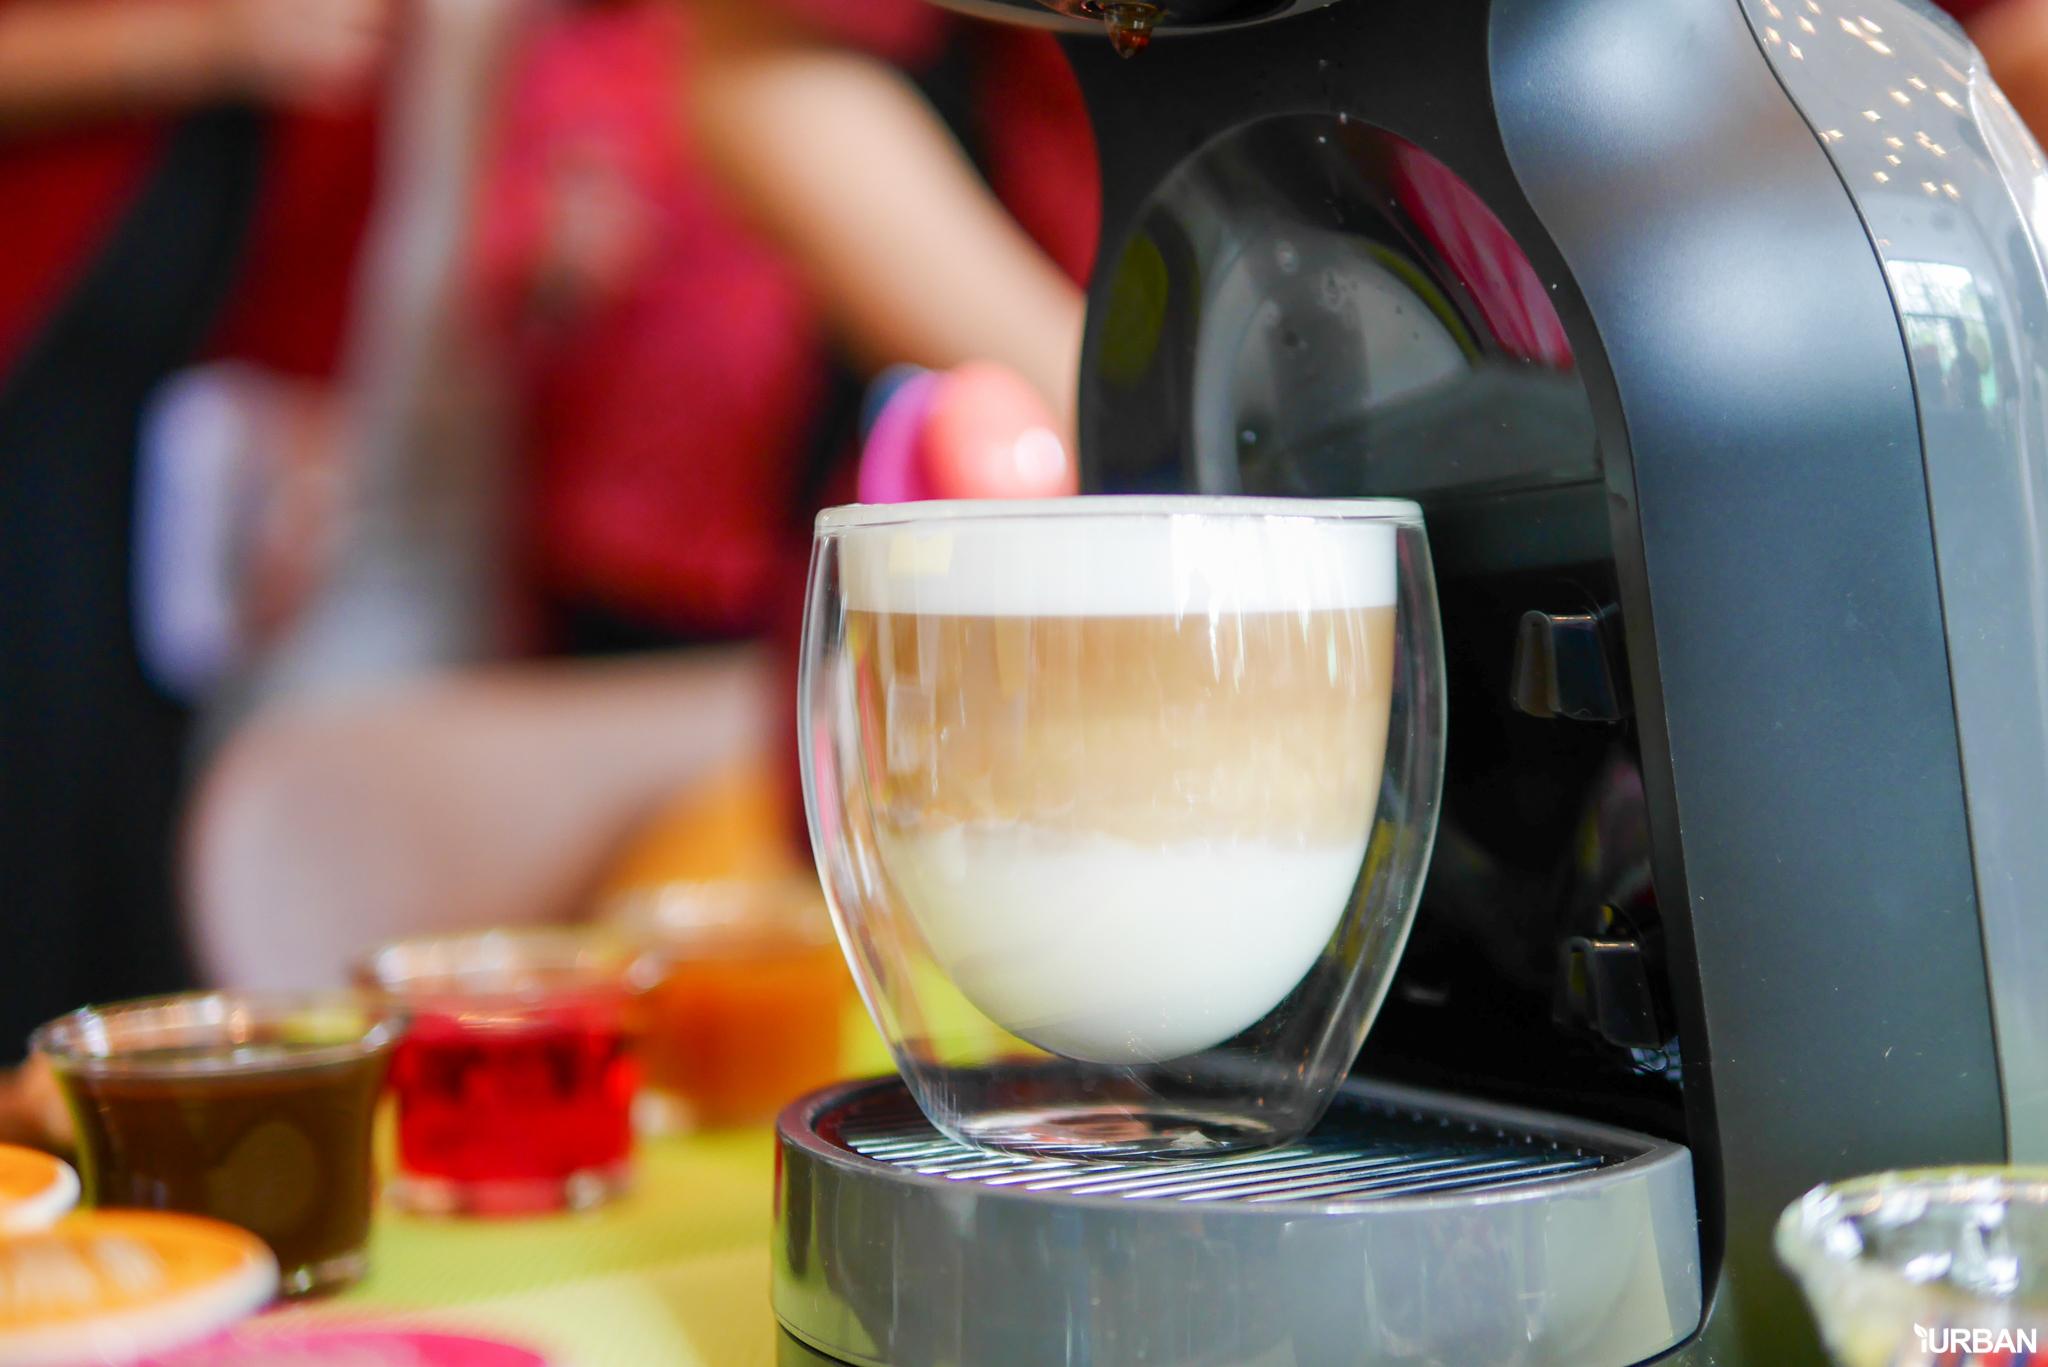 หลายเรื่องที่รู้แล้วคุณจะรัก NESCAFÉ Dolce Gusto นวัตกรรมกาแฟสดระดับโลกที่คุณก็ชงได้ 19 - Coffee